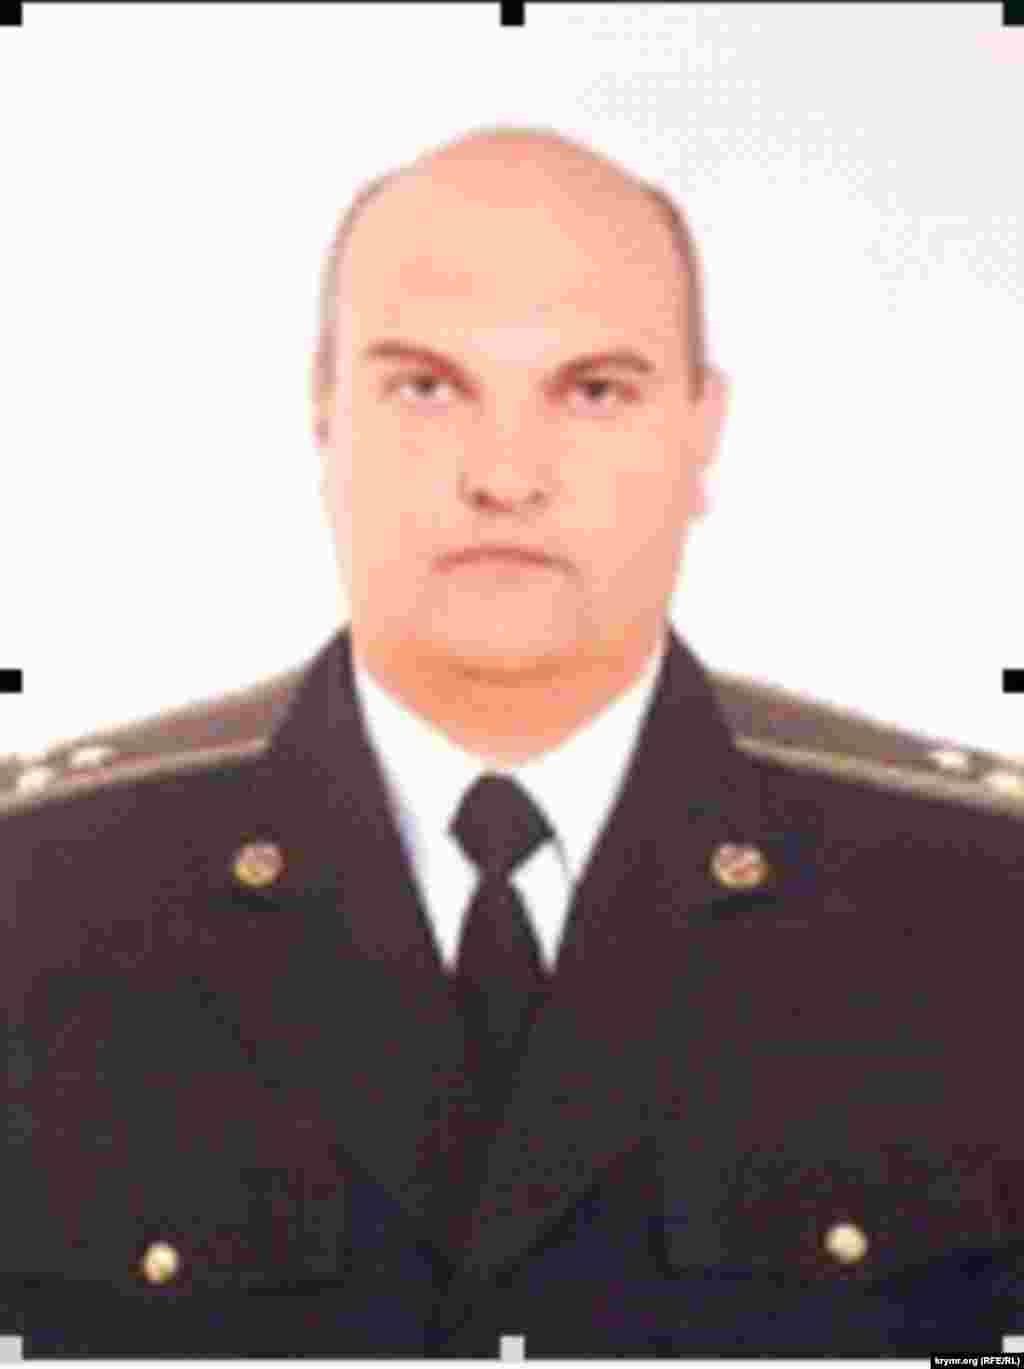 Сергей Никифоров, экс-начальник третьего отдела бывшего главного отдела по борьбе с коррупцией и организованной преступностью крымского главка СБУ